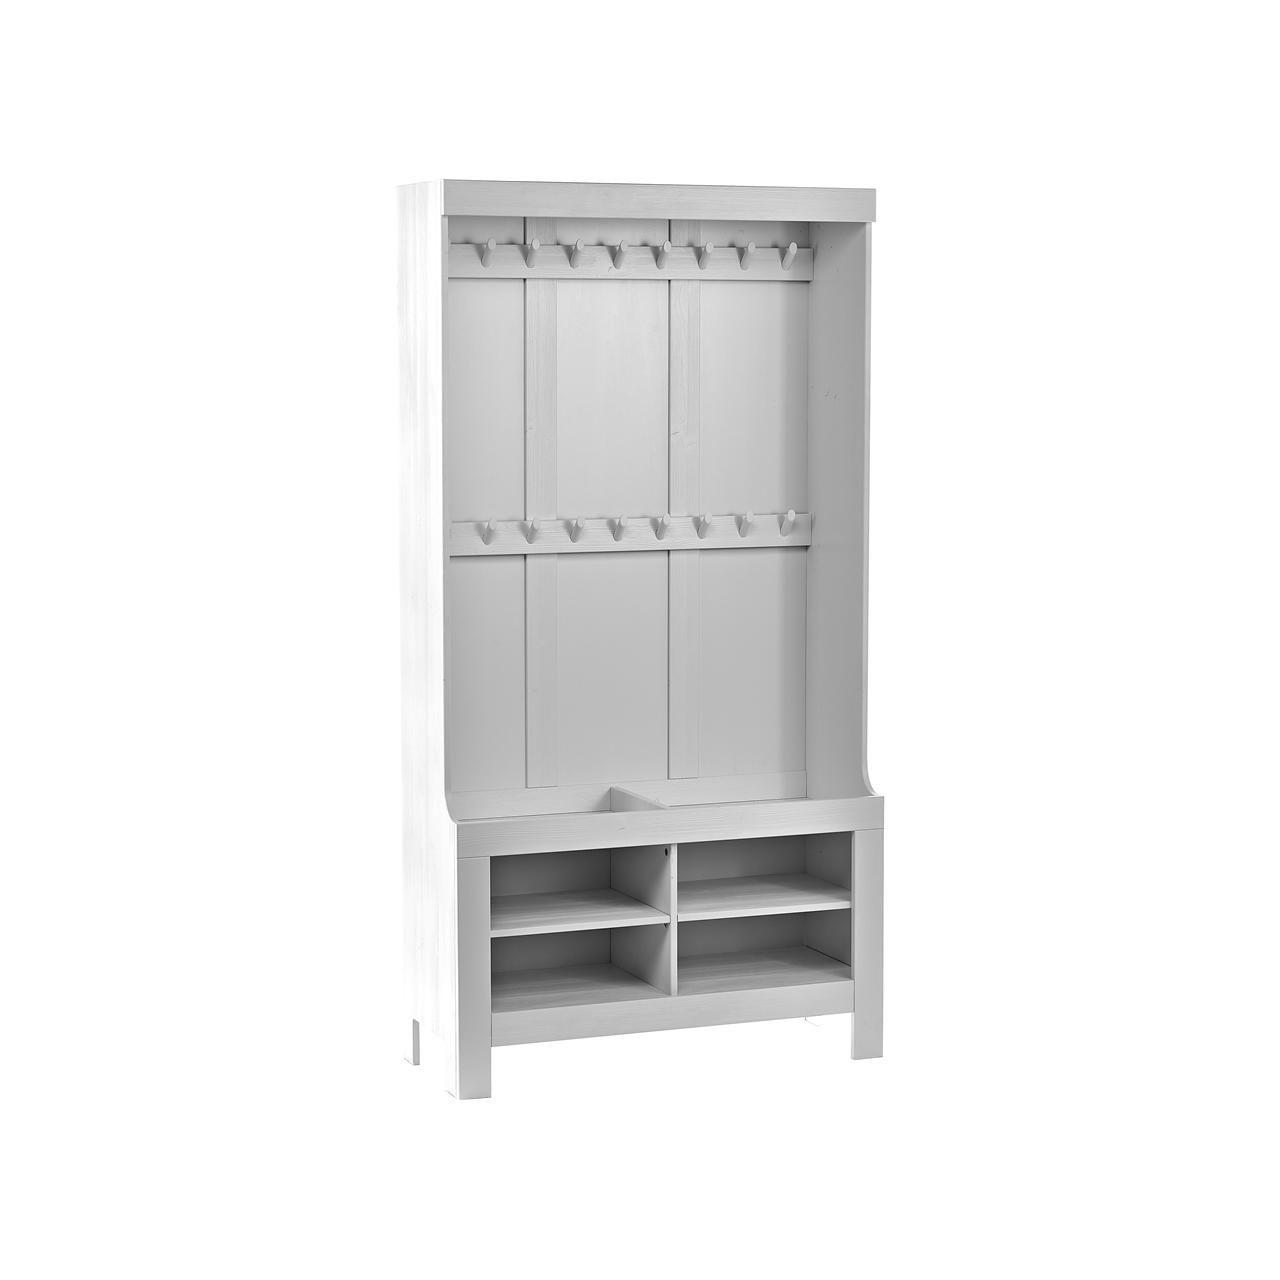 Kasten Garderobe Kast Bronx Wit Voor 15000 Koop Online